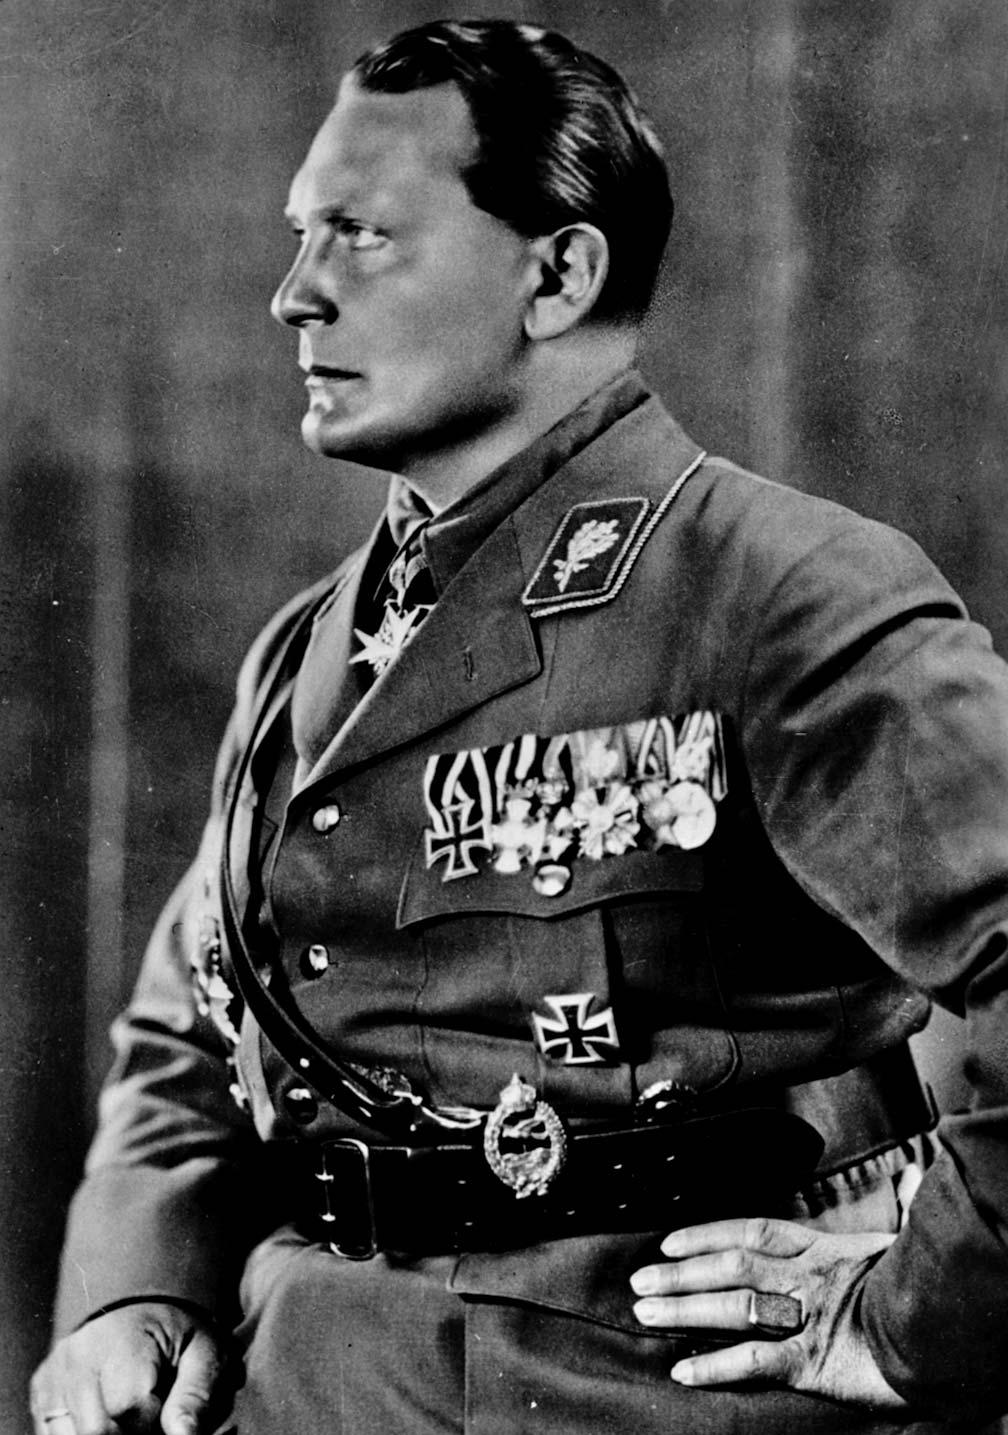 هرمان گورینگ، نفر دوم در رژیم نازی